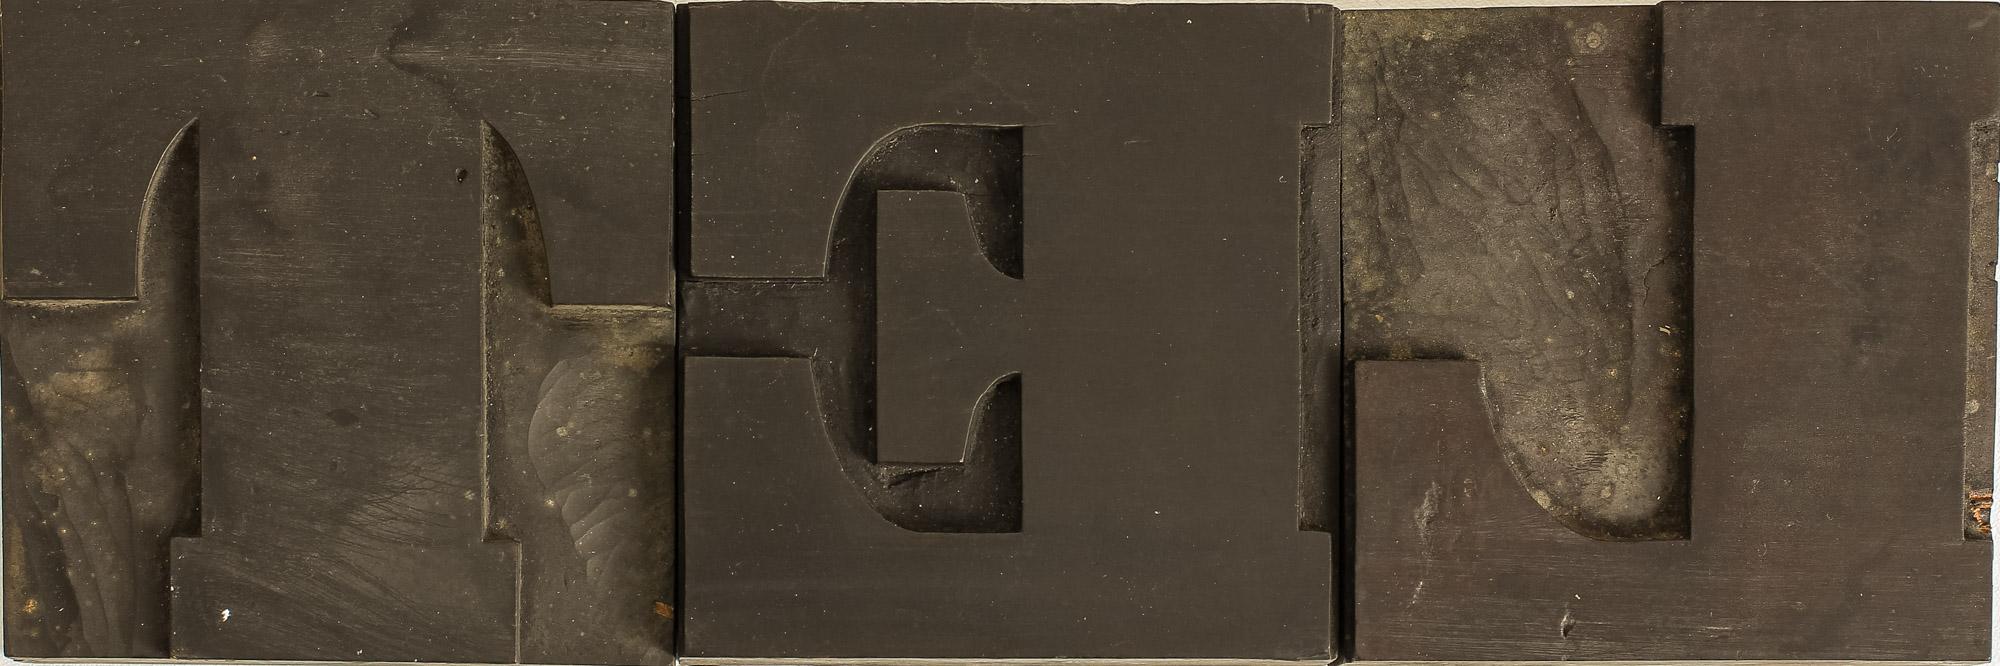 Découverte de caractères en bois d'un fabricant de Nancy en 1837.